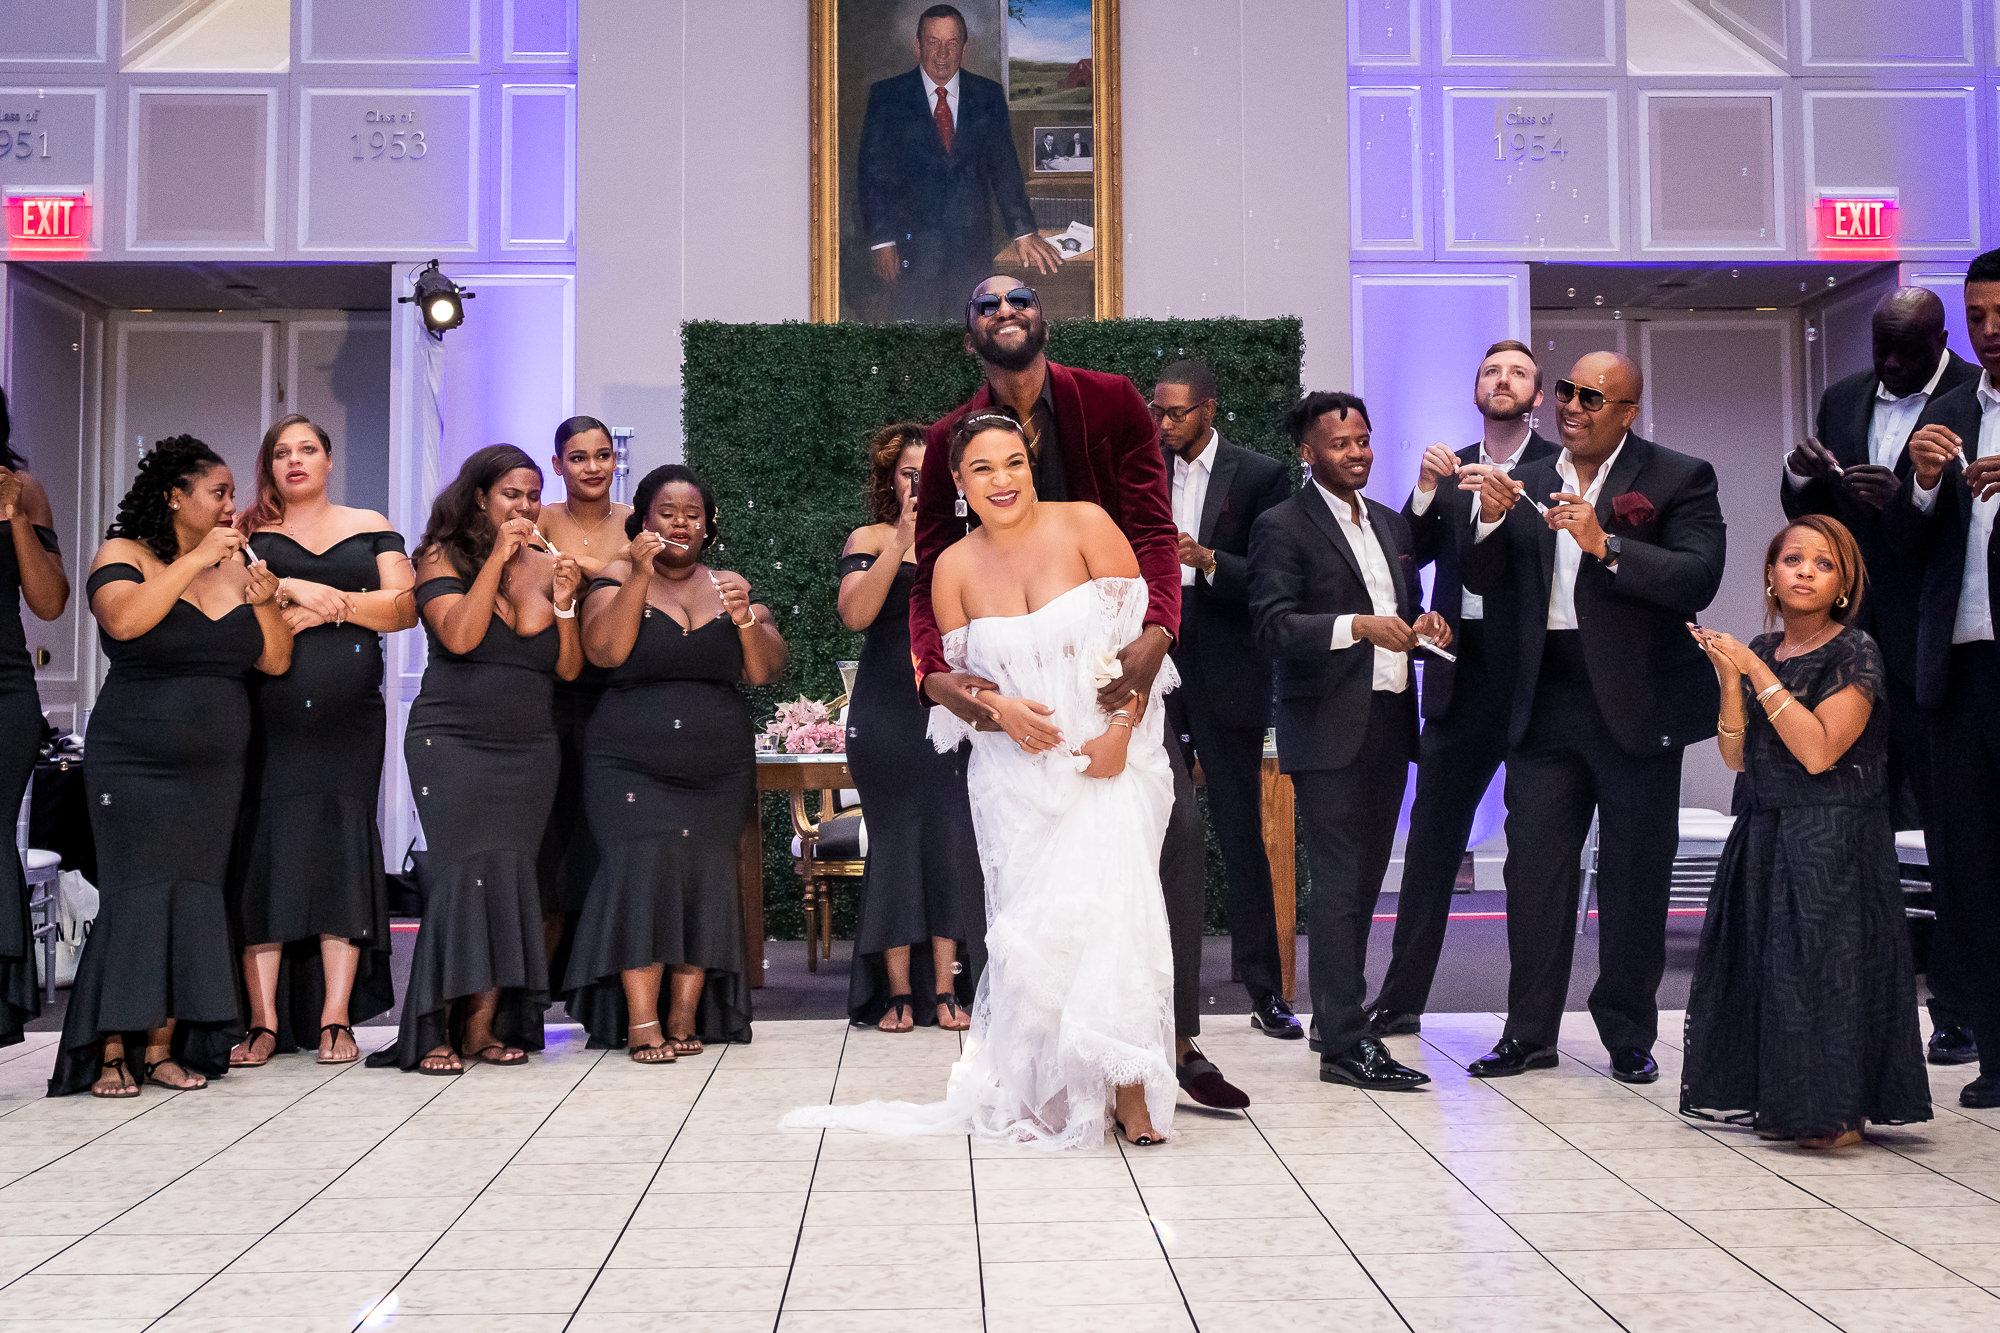 057-057-christopher-jason-studios-university-of-maryland-wedding-raheem-Devaughn-african-american-bride-and-groom.jpg